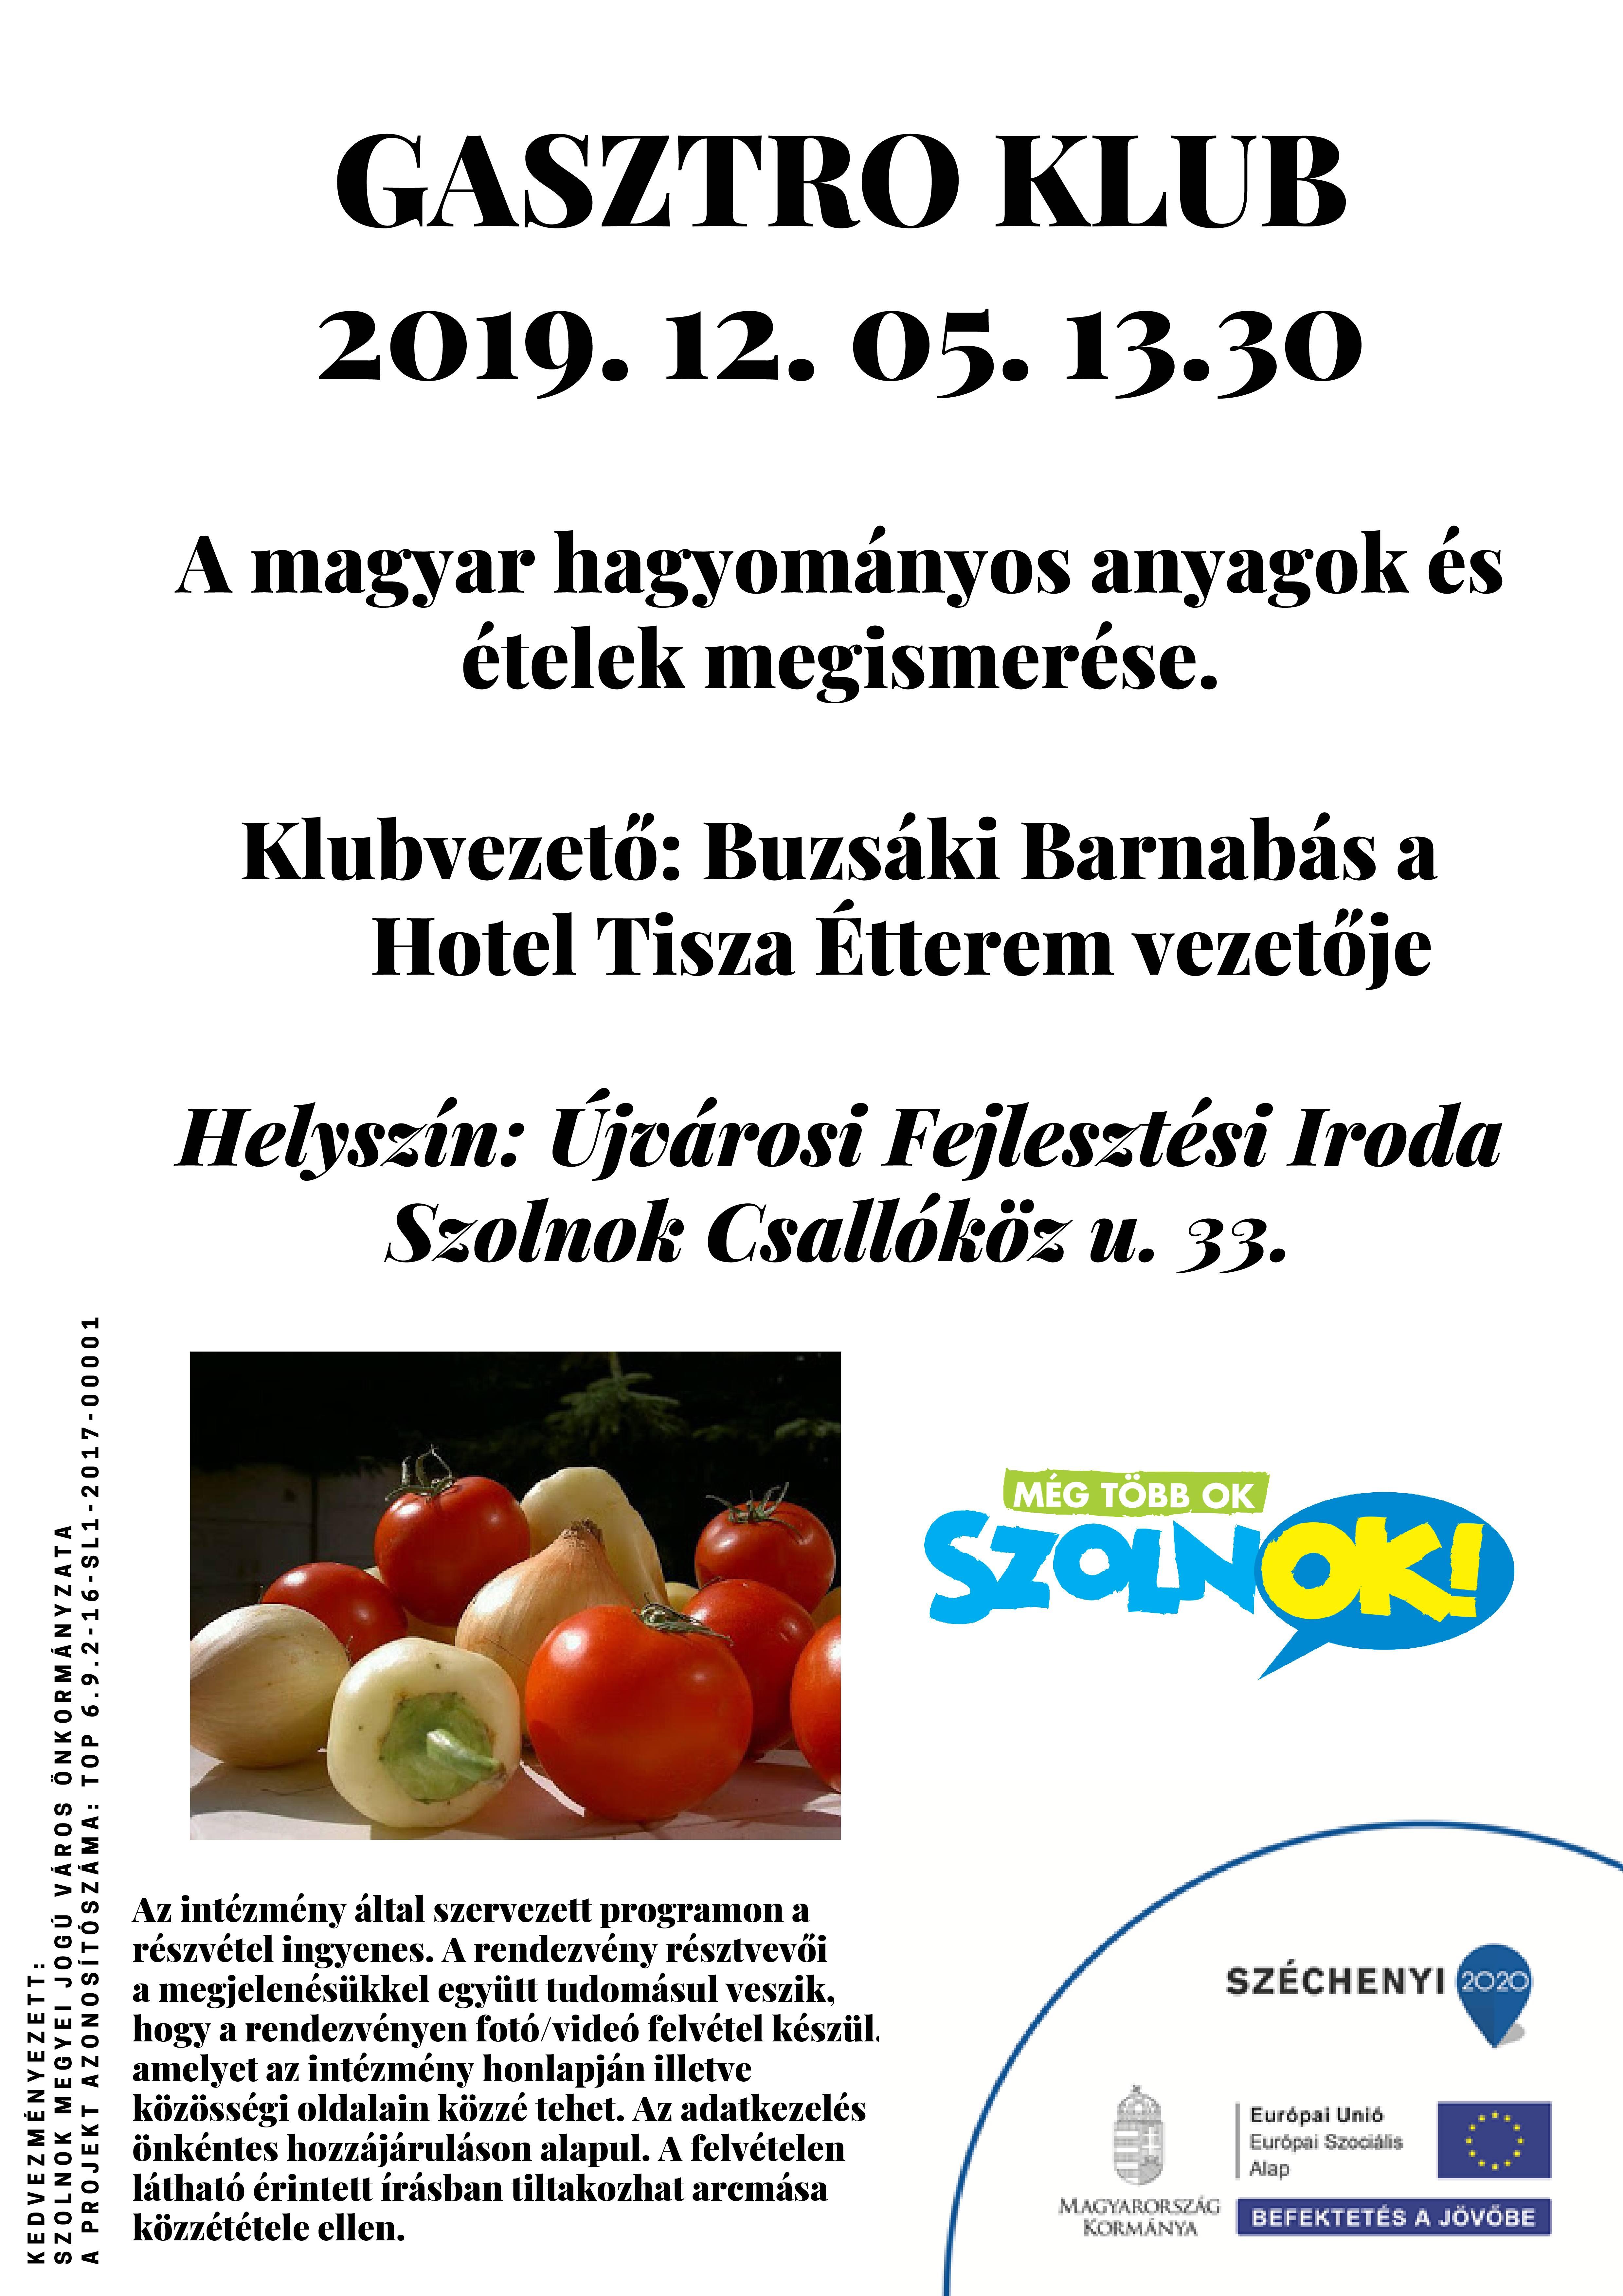 gasztro klub plakát (2)